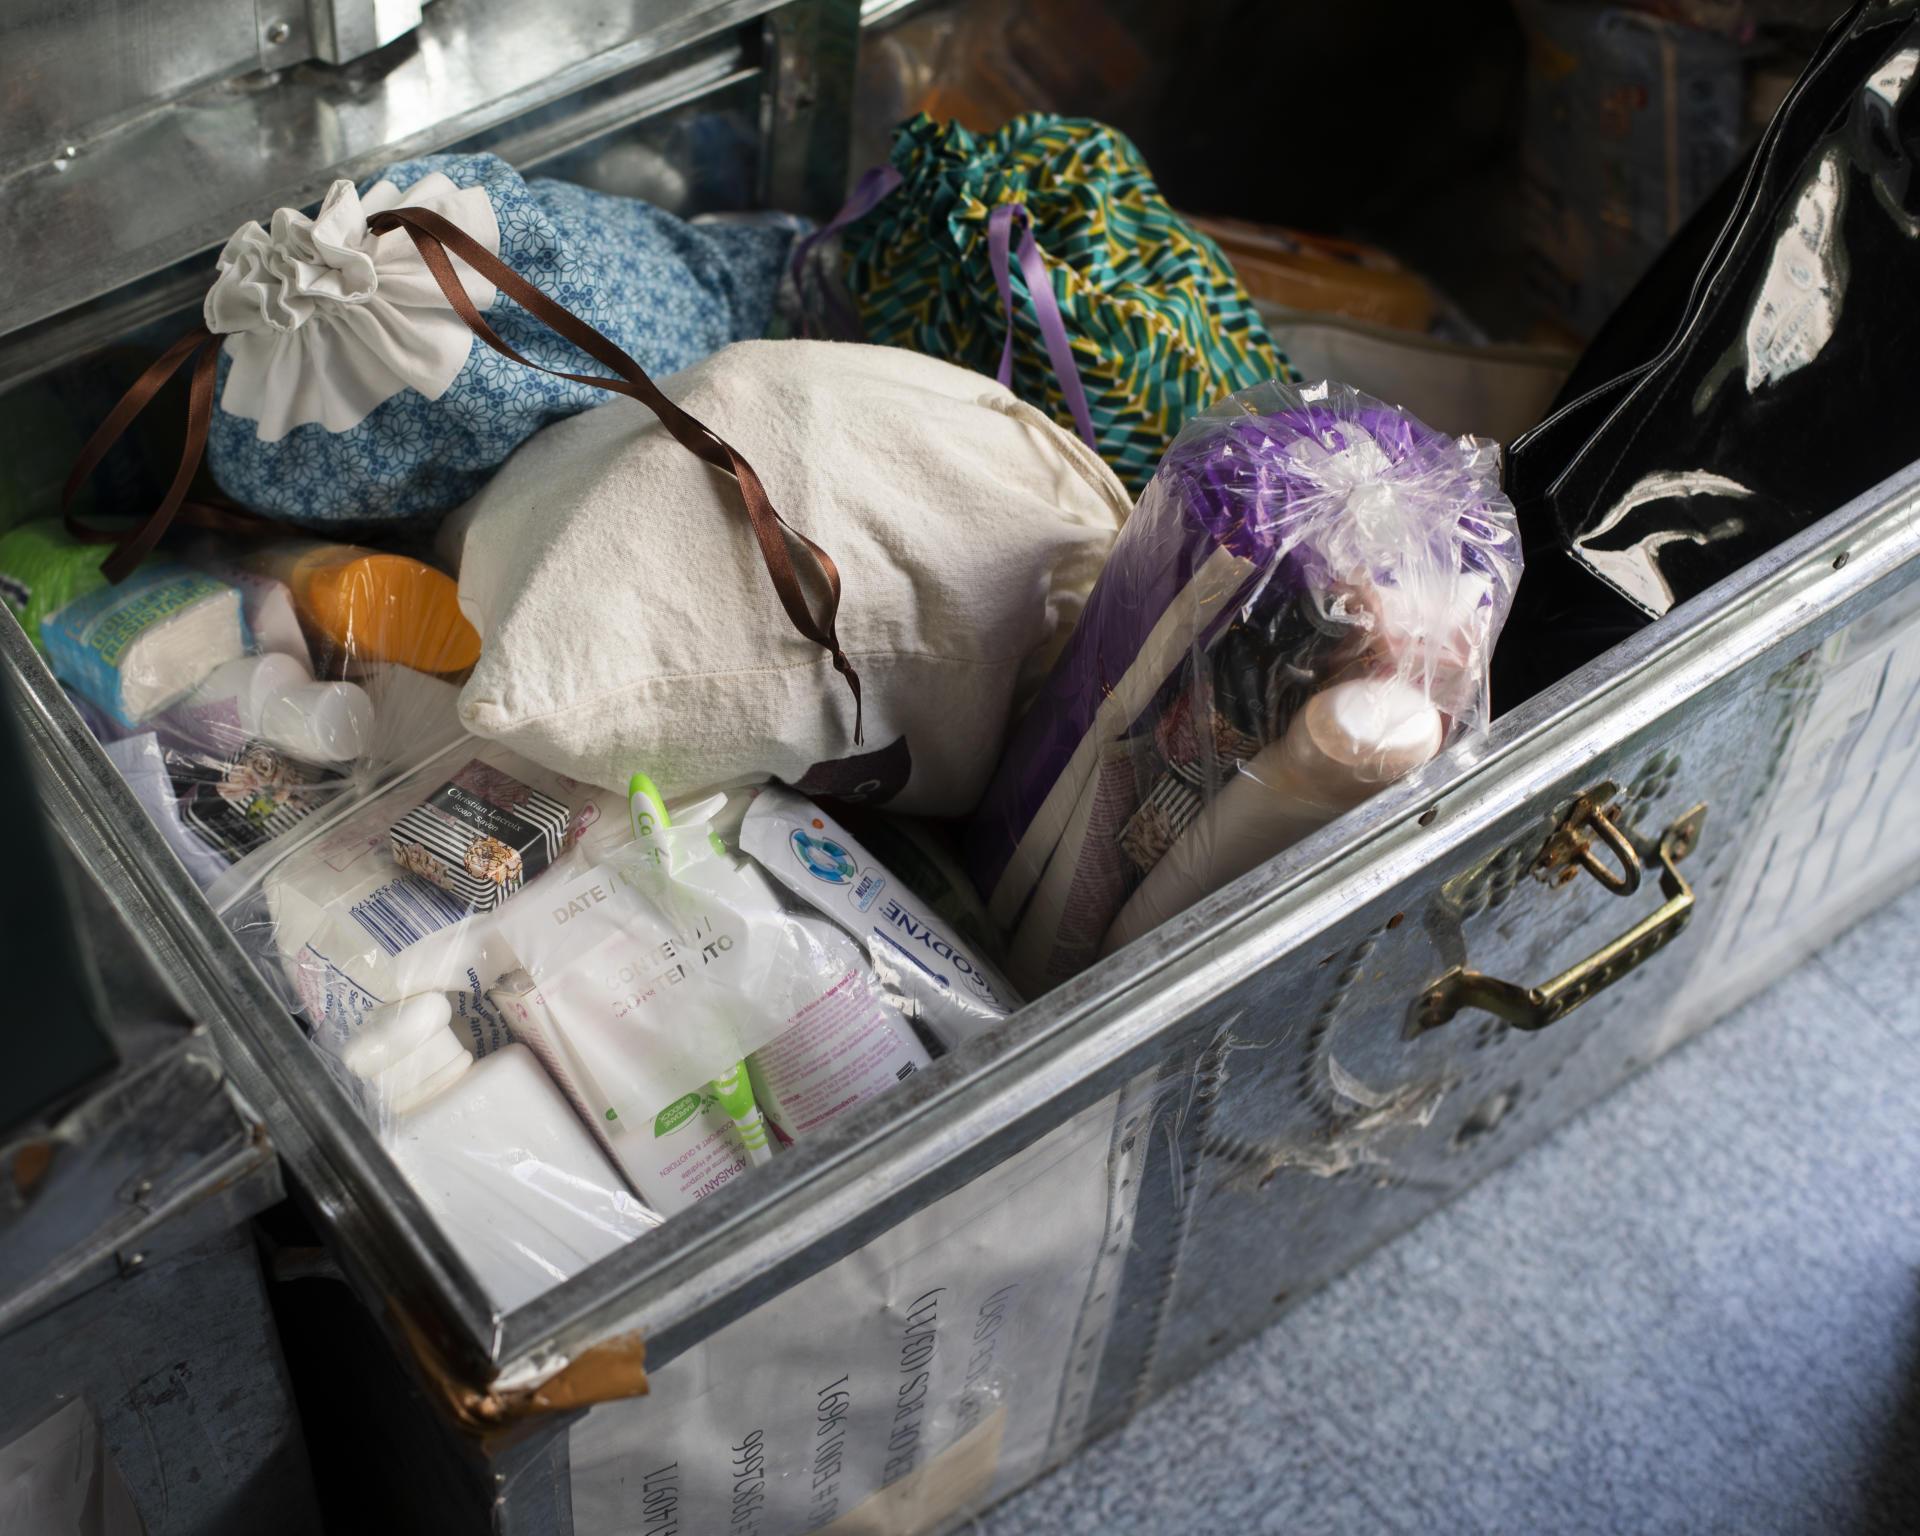 Les kits d'hygiène confectionnés et distribués par l'ADSF contiennent des protections hygiéniques, du savon, une brosse à dent et du dentifrice.